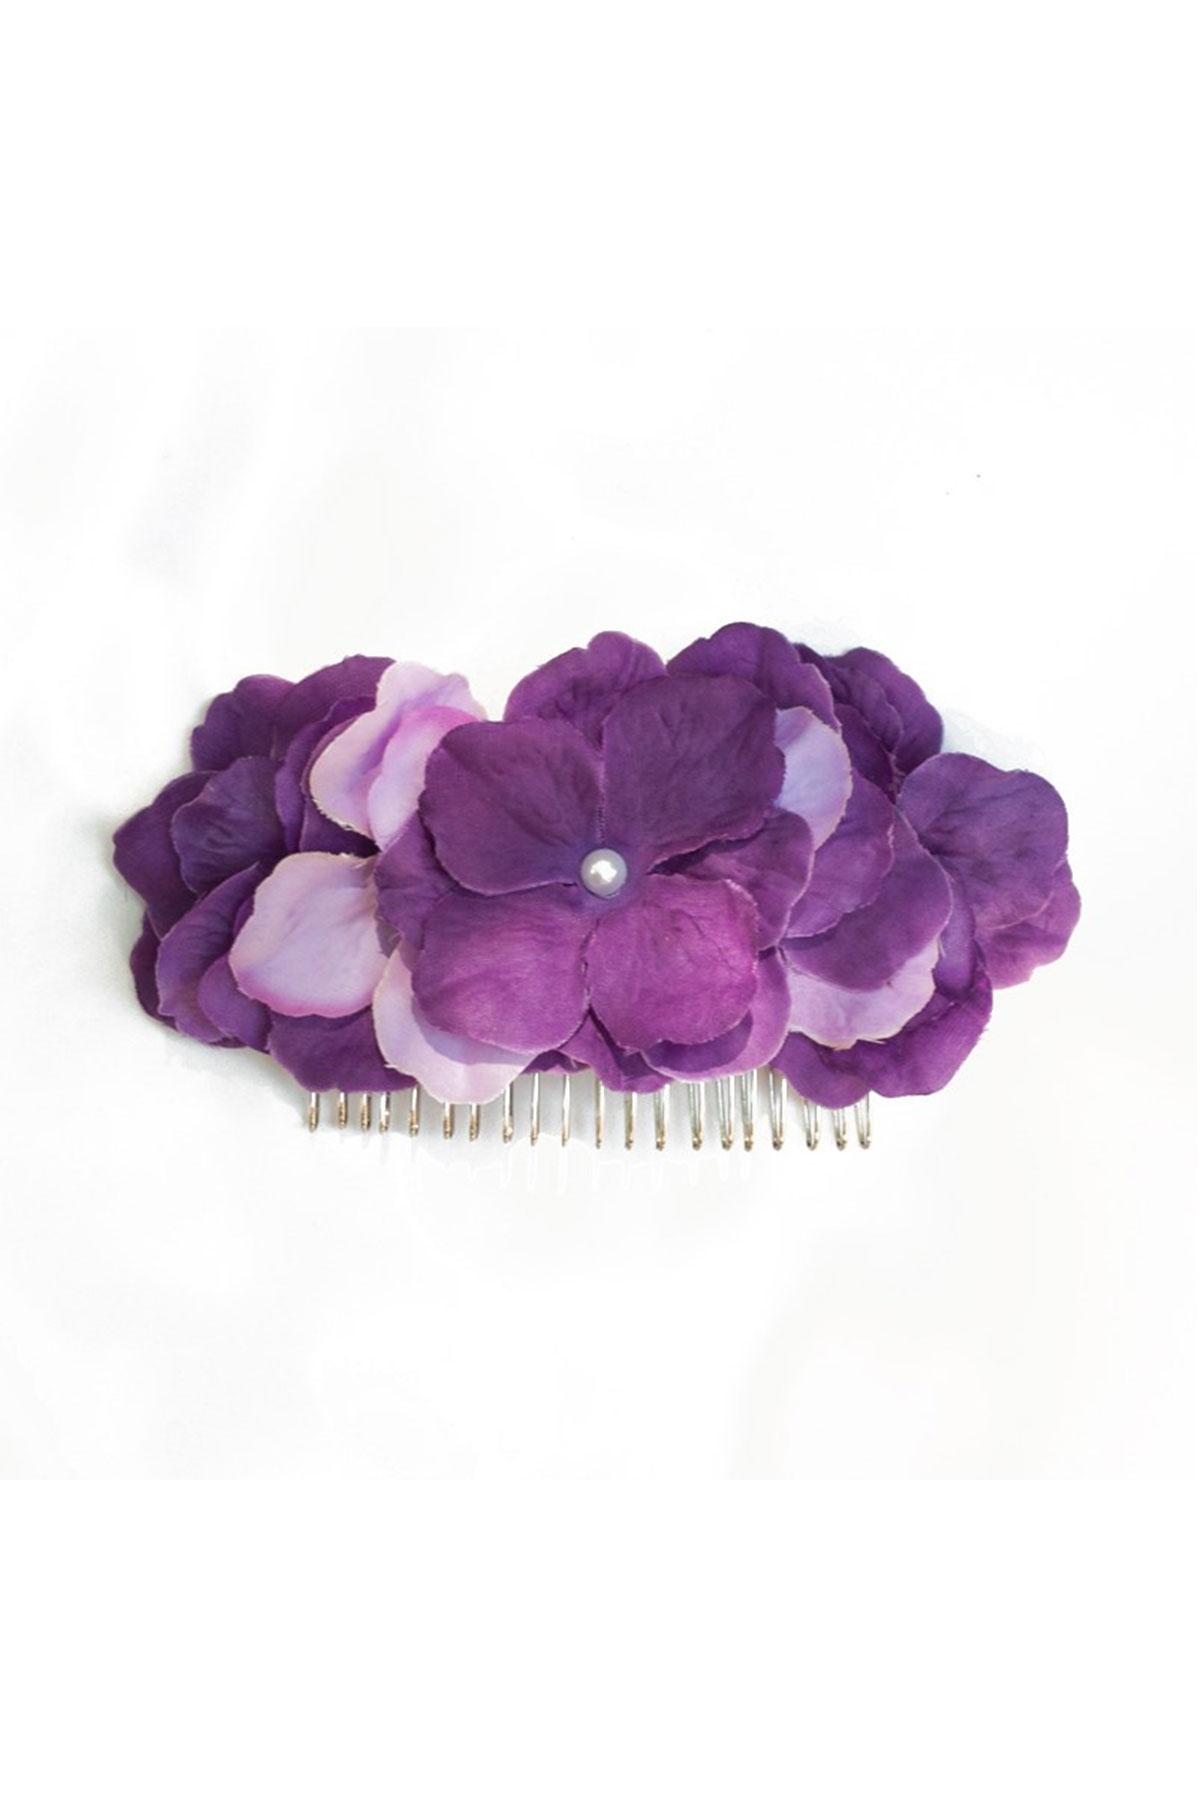 Ръчно изработен гребен с лилави цветя / Forget-me-not